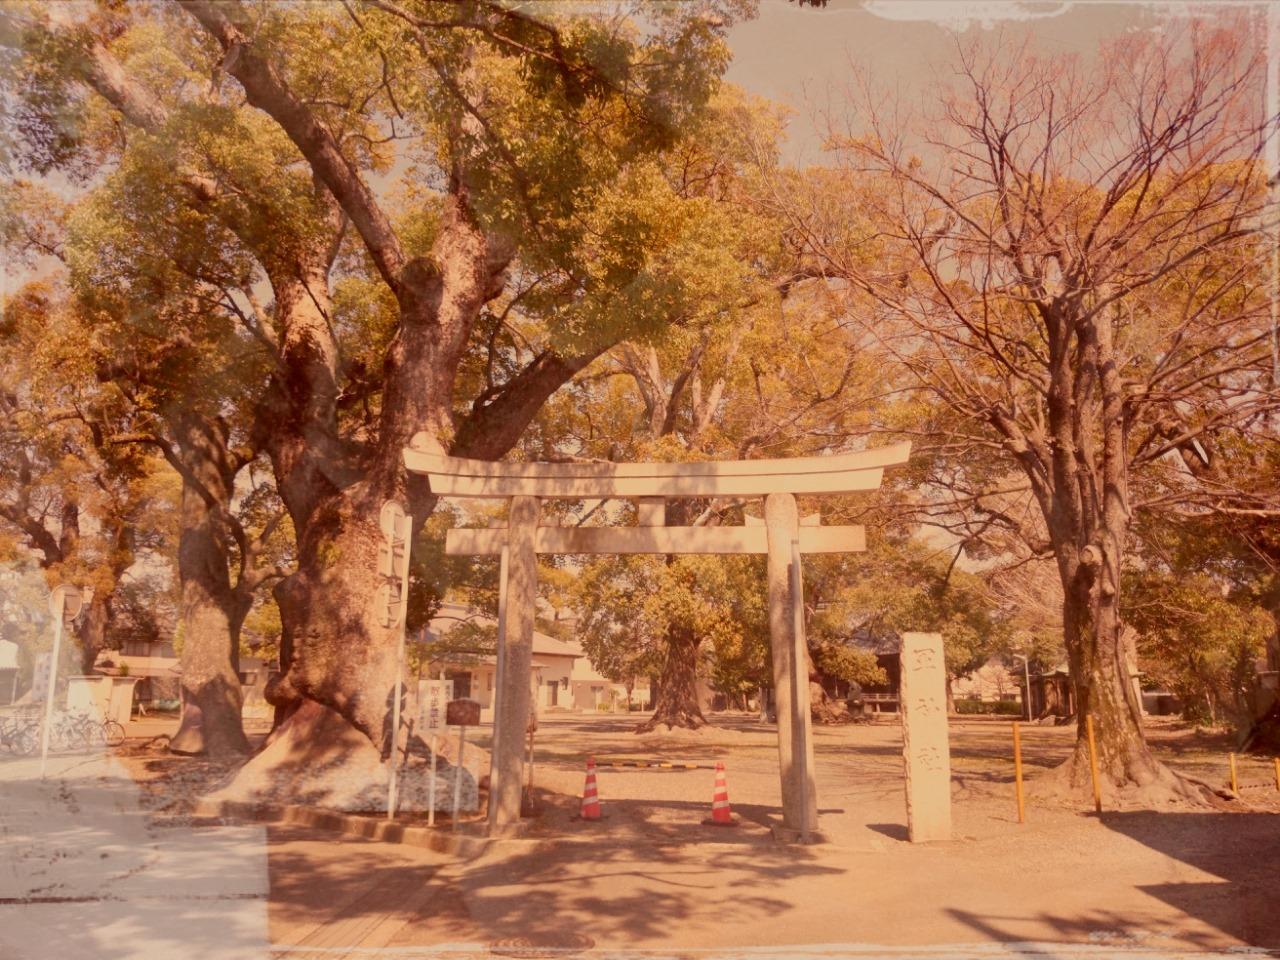 軍神社(ぐんじんじゃ)